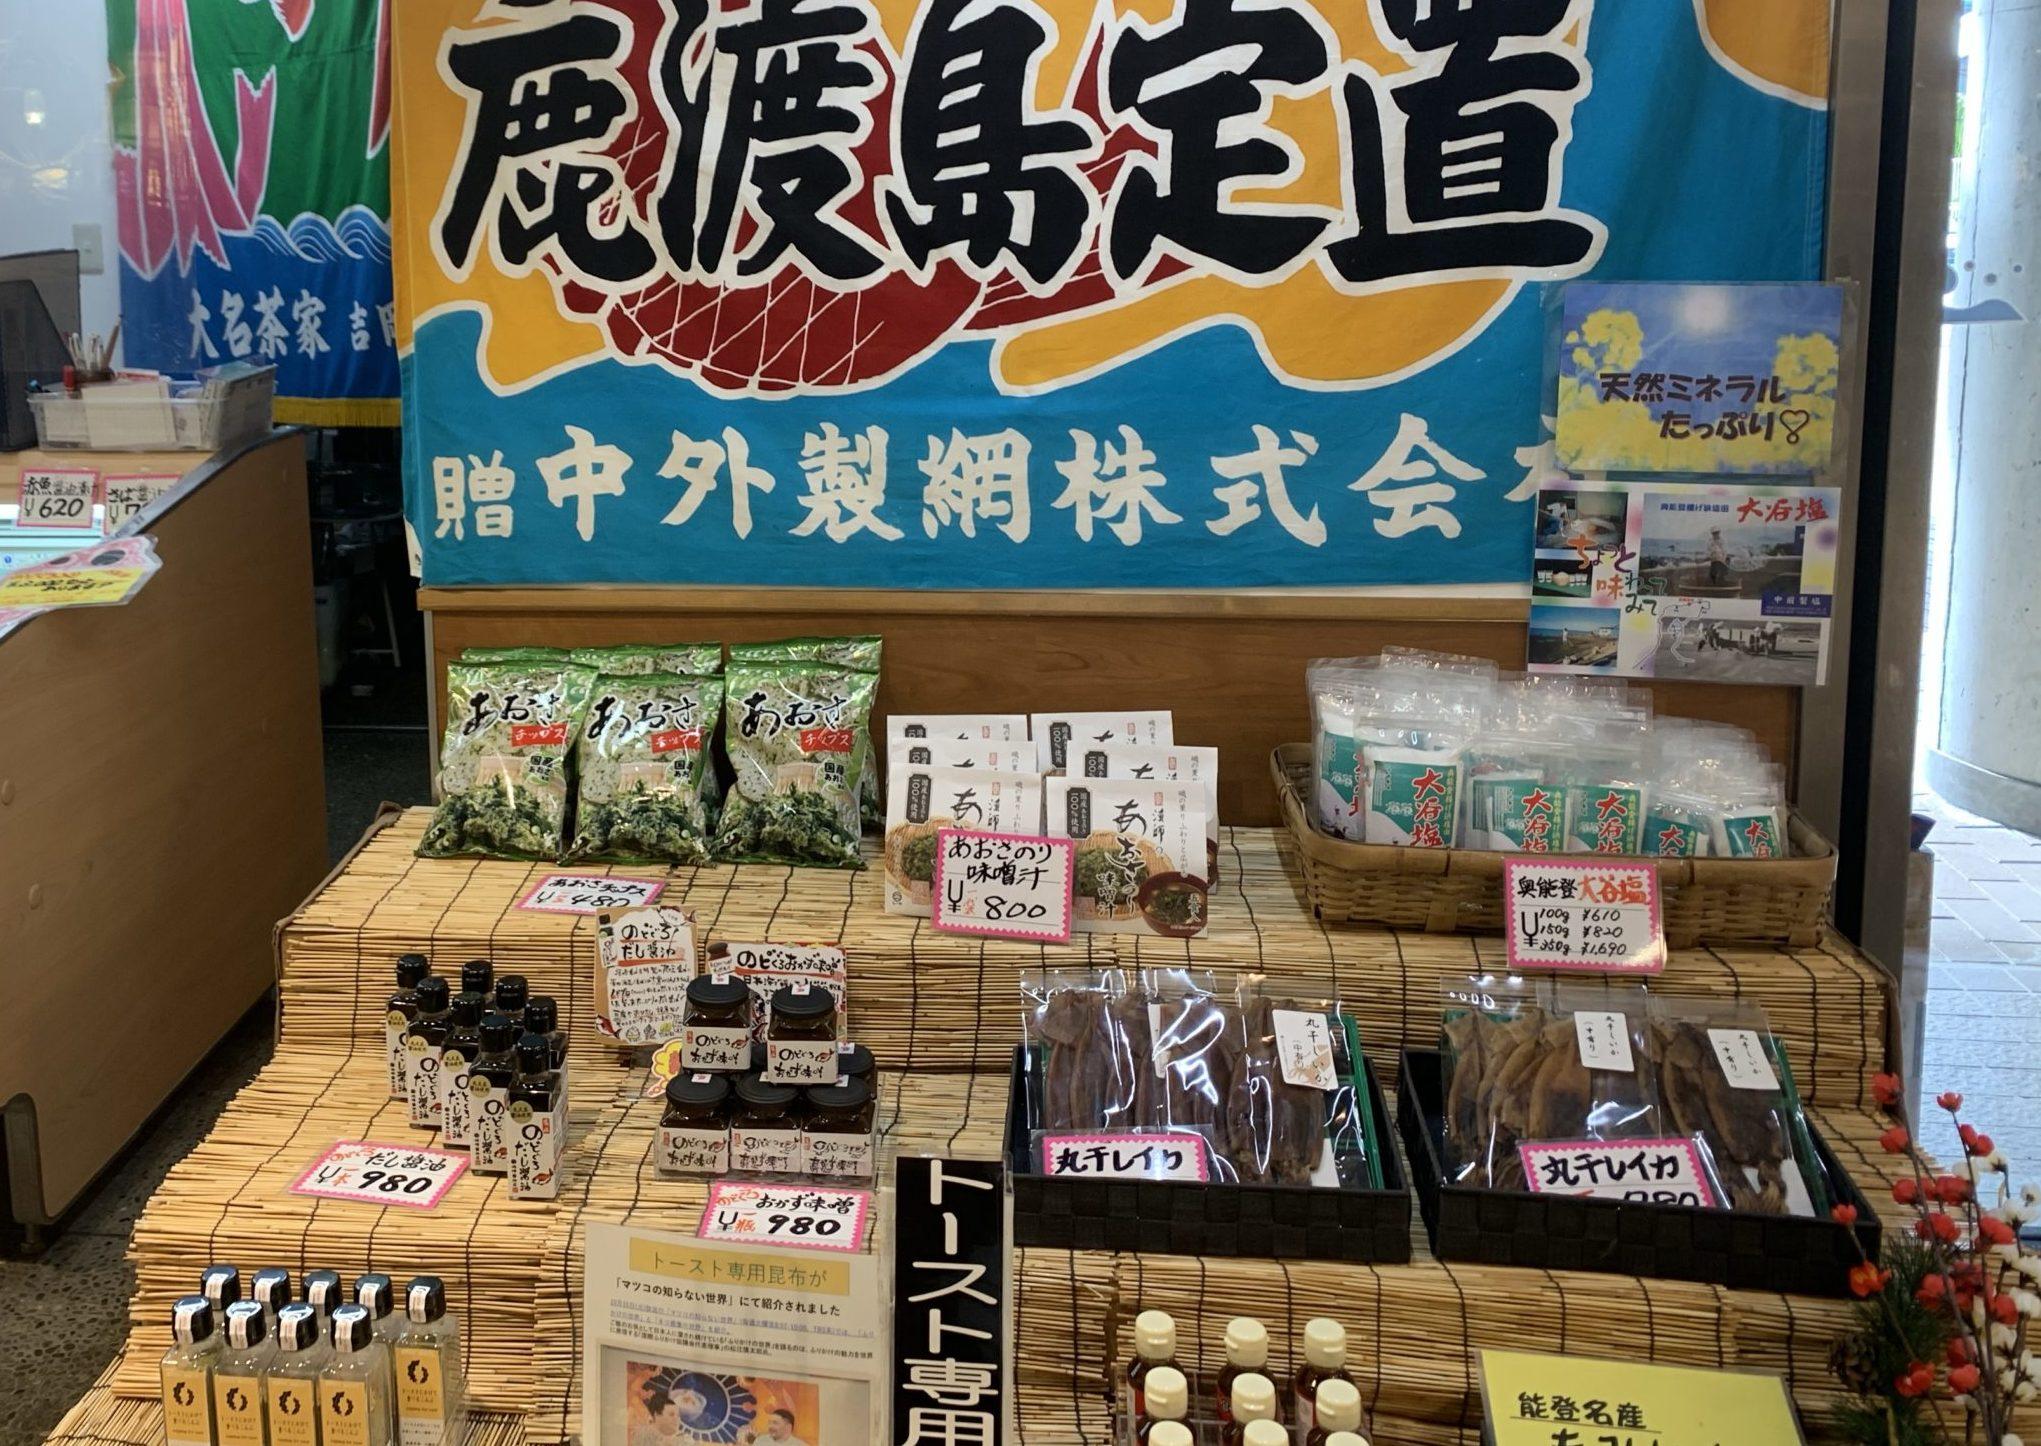 活蟹から鮮魚や干物まで。様々な能登の食材を「鹿渡島定置」で!【七尾市 食祭市場内1階】